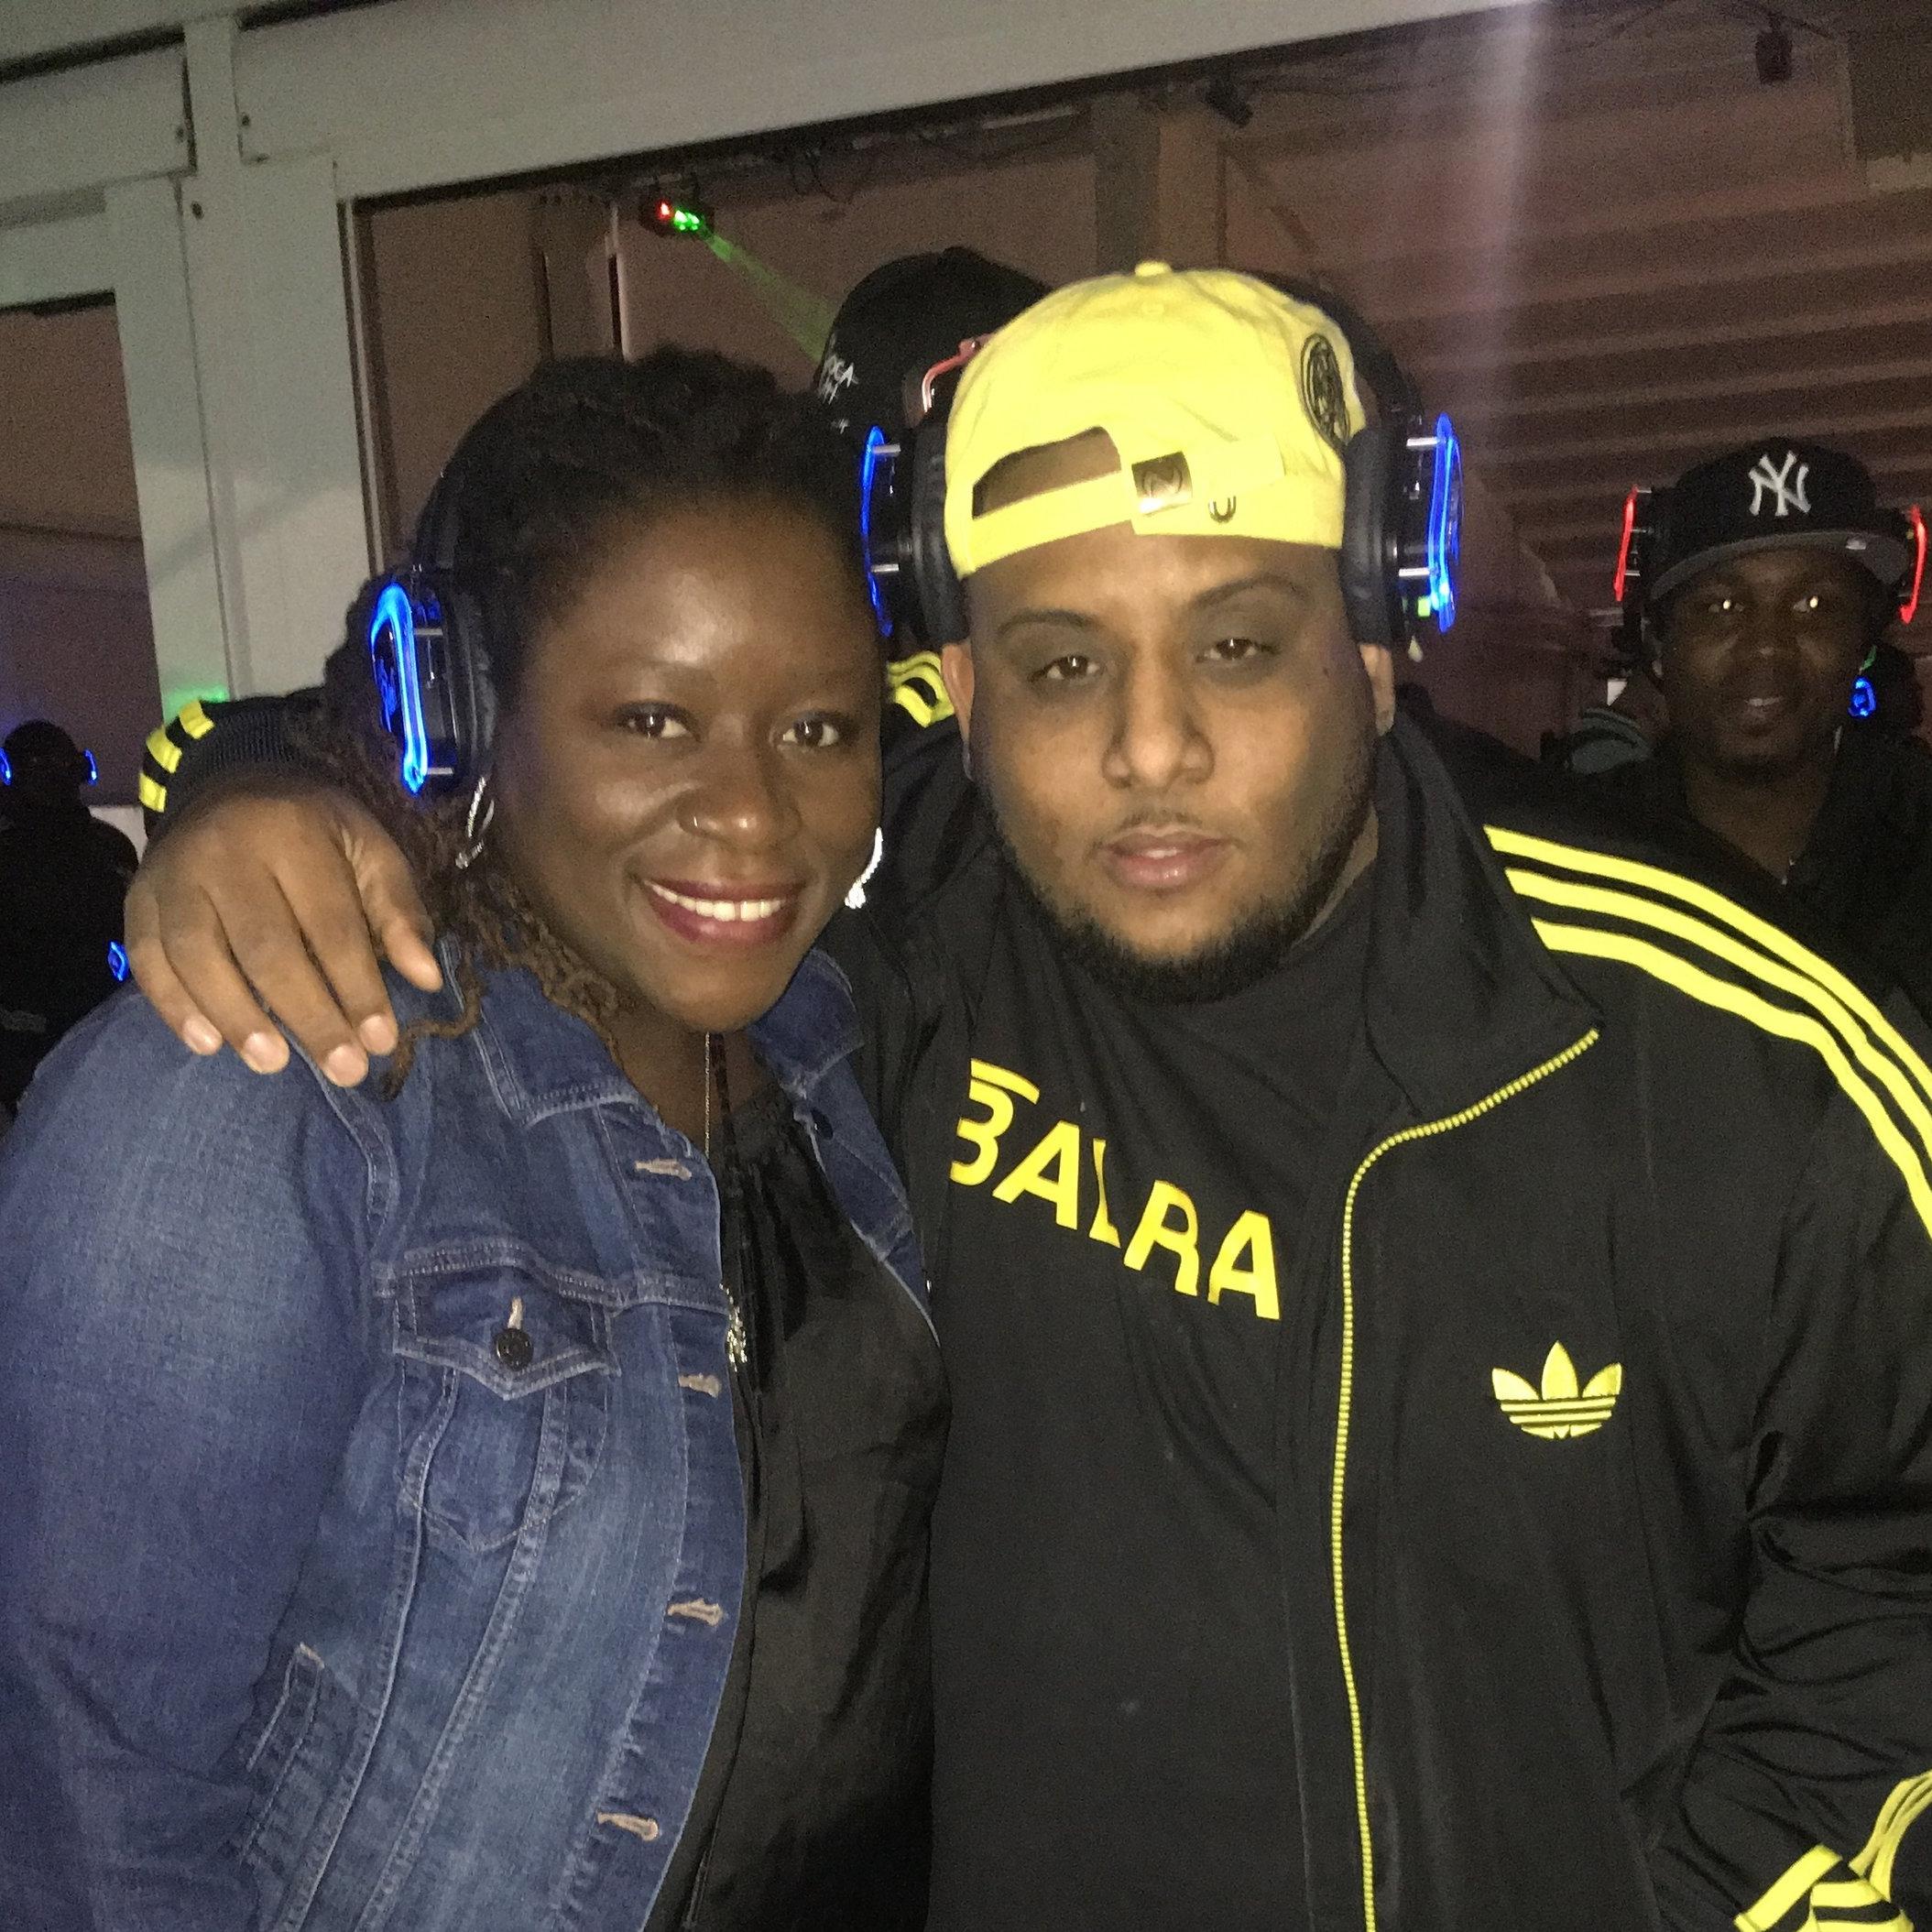 Copy of w/ Trinidadian radio host Trevlyn the Voice (Brooklyn 2017)